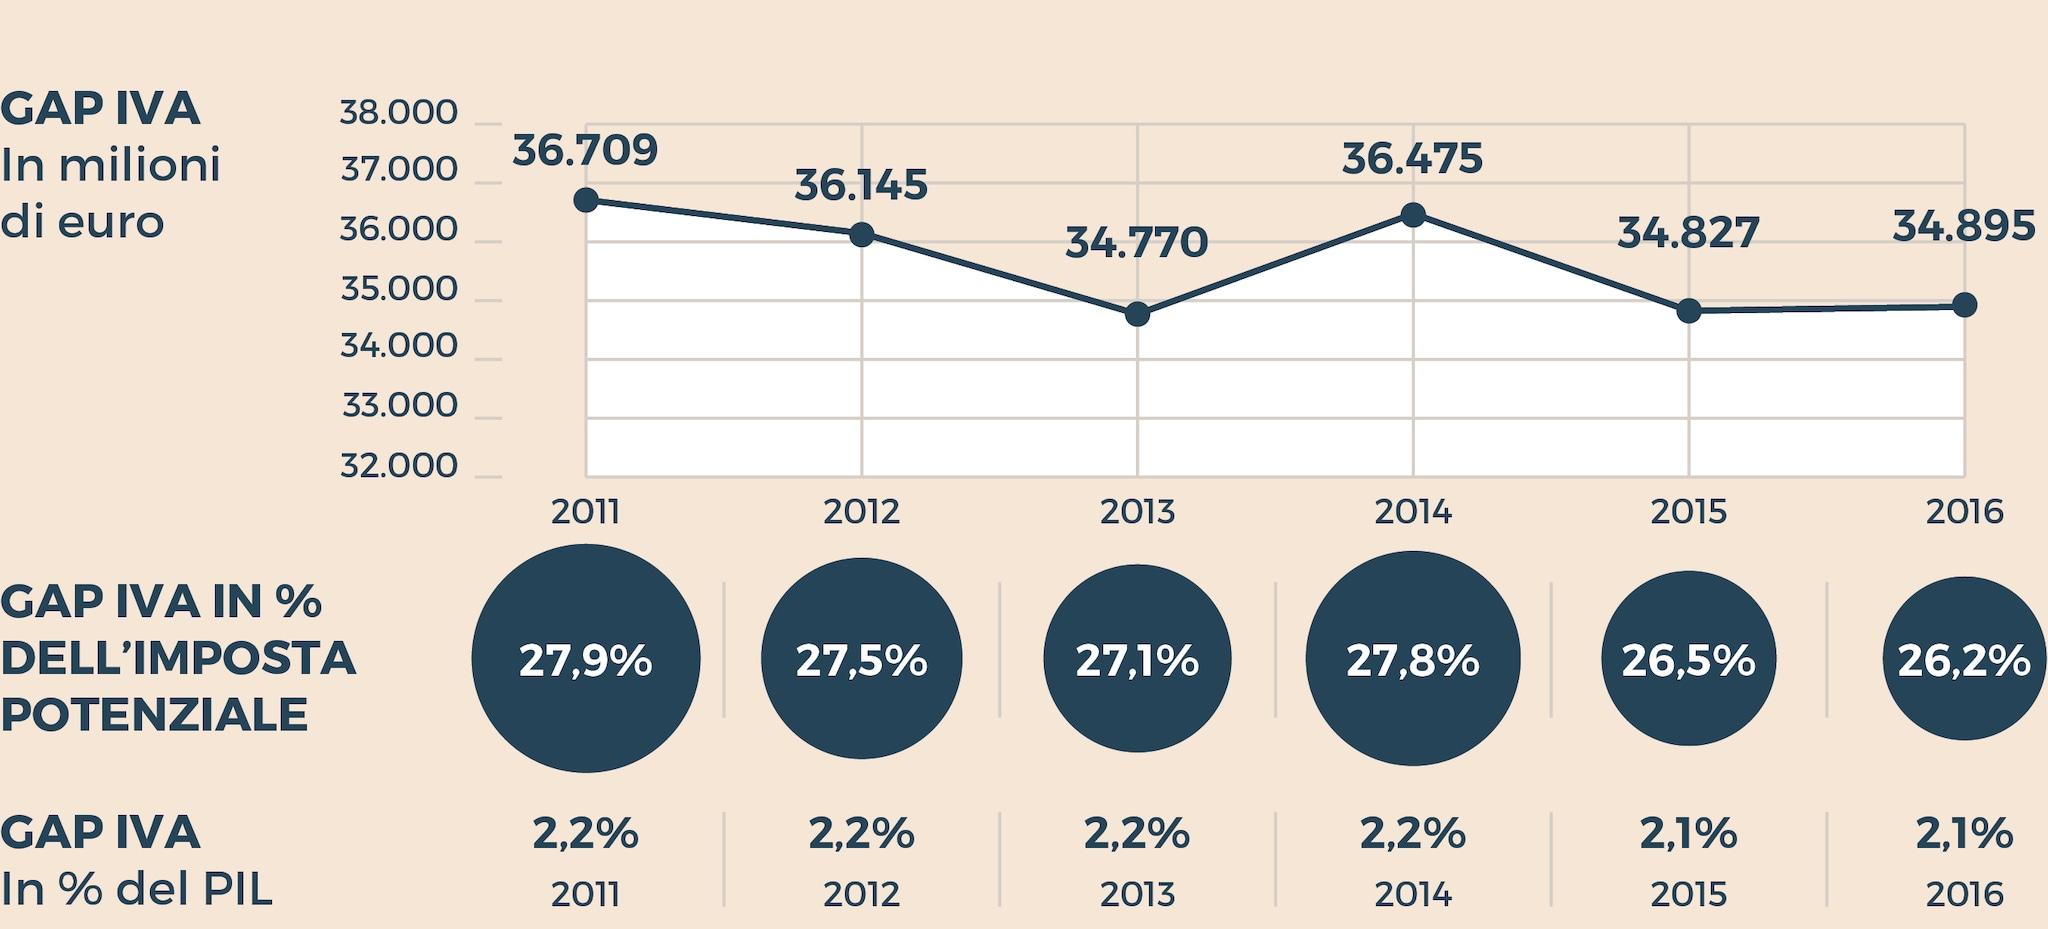 L'EVASIONE DELL'IVA IN ITALIA